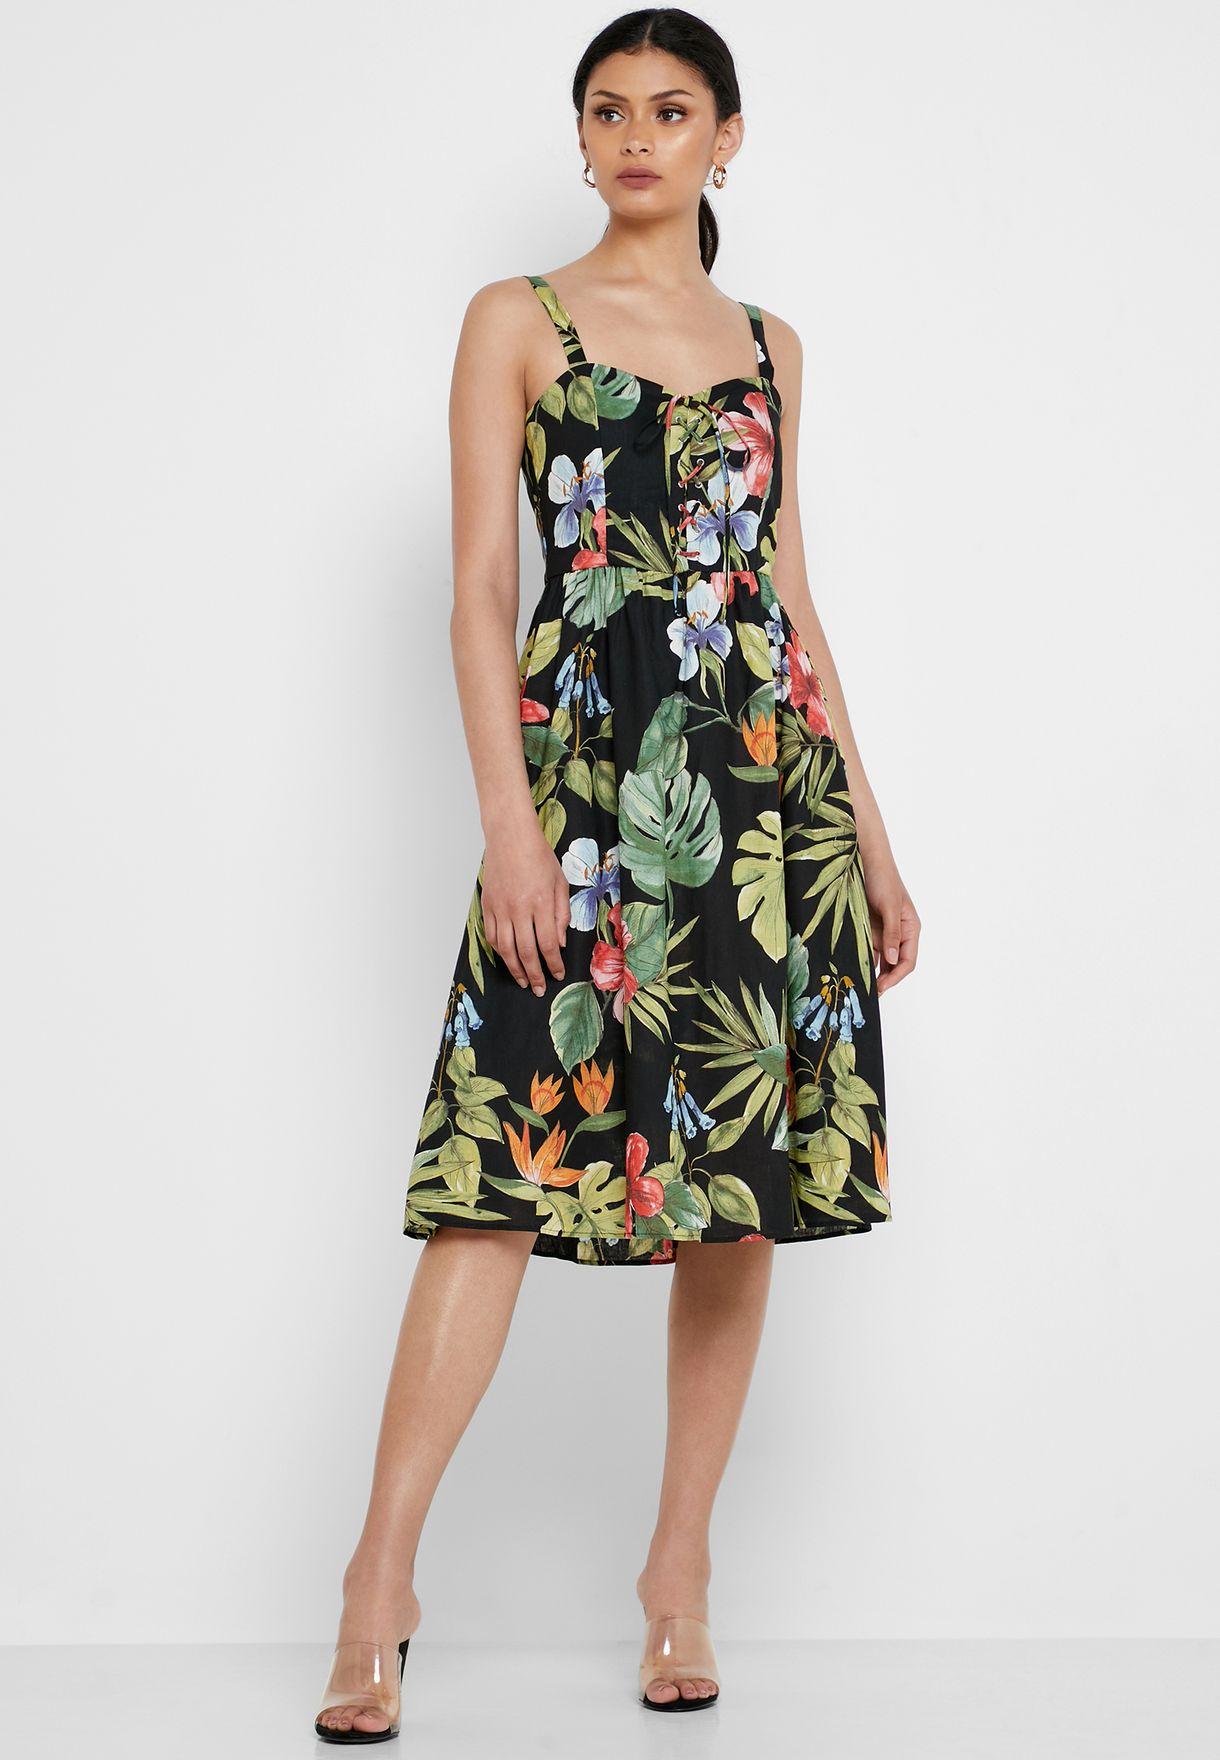 31a01309ea Shop Mango prints Floral Print Lace Up Dress 51000896 for Women in Bahrain  - 18840AT23DQP